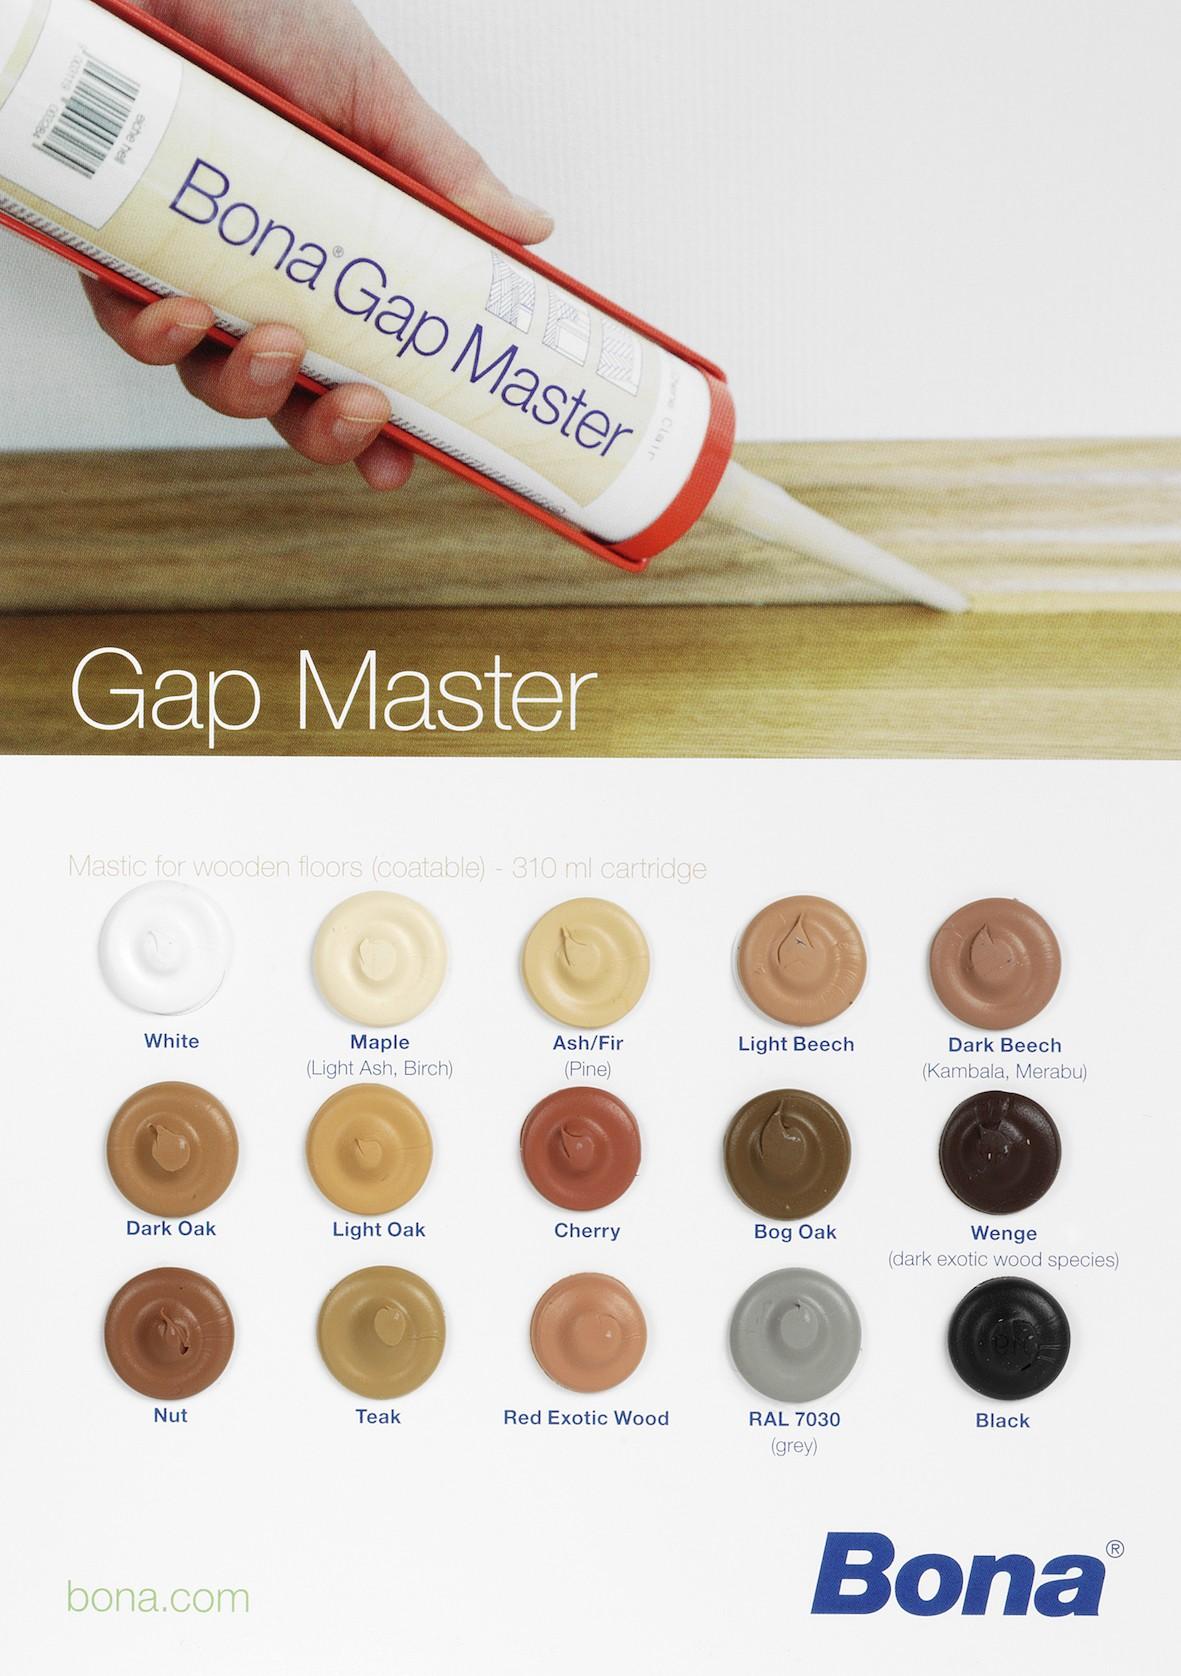 Bona Gap Master Filler/Sealant for Flooring